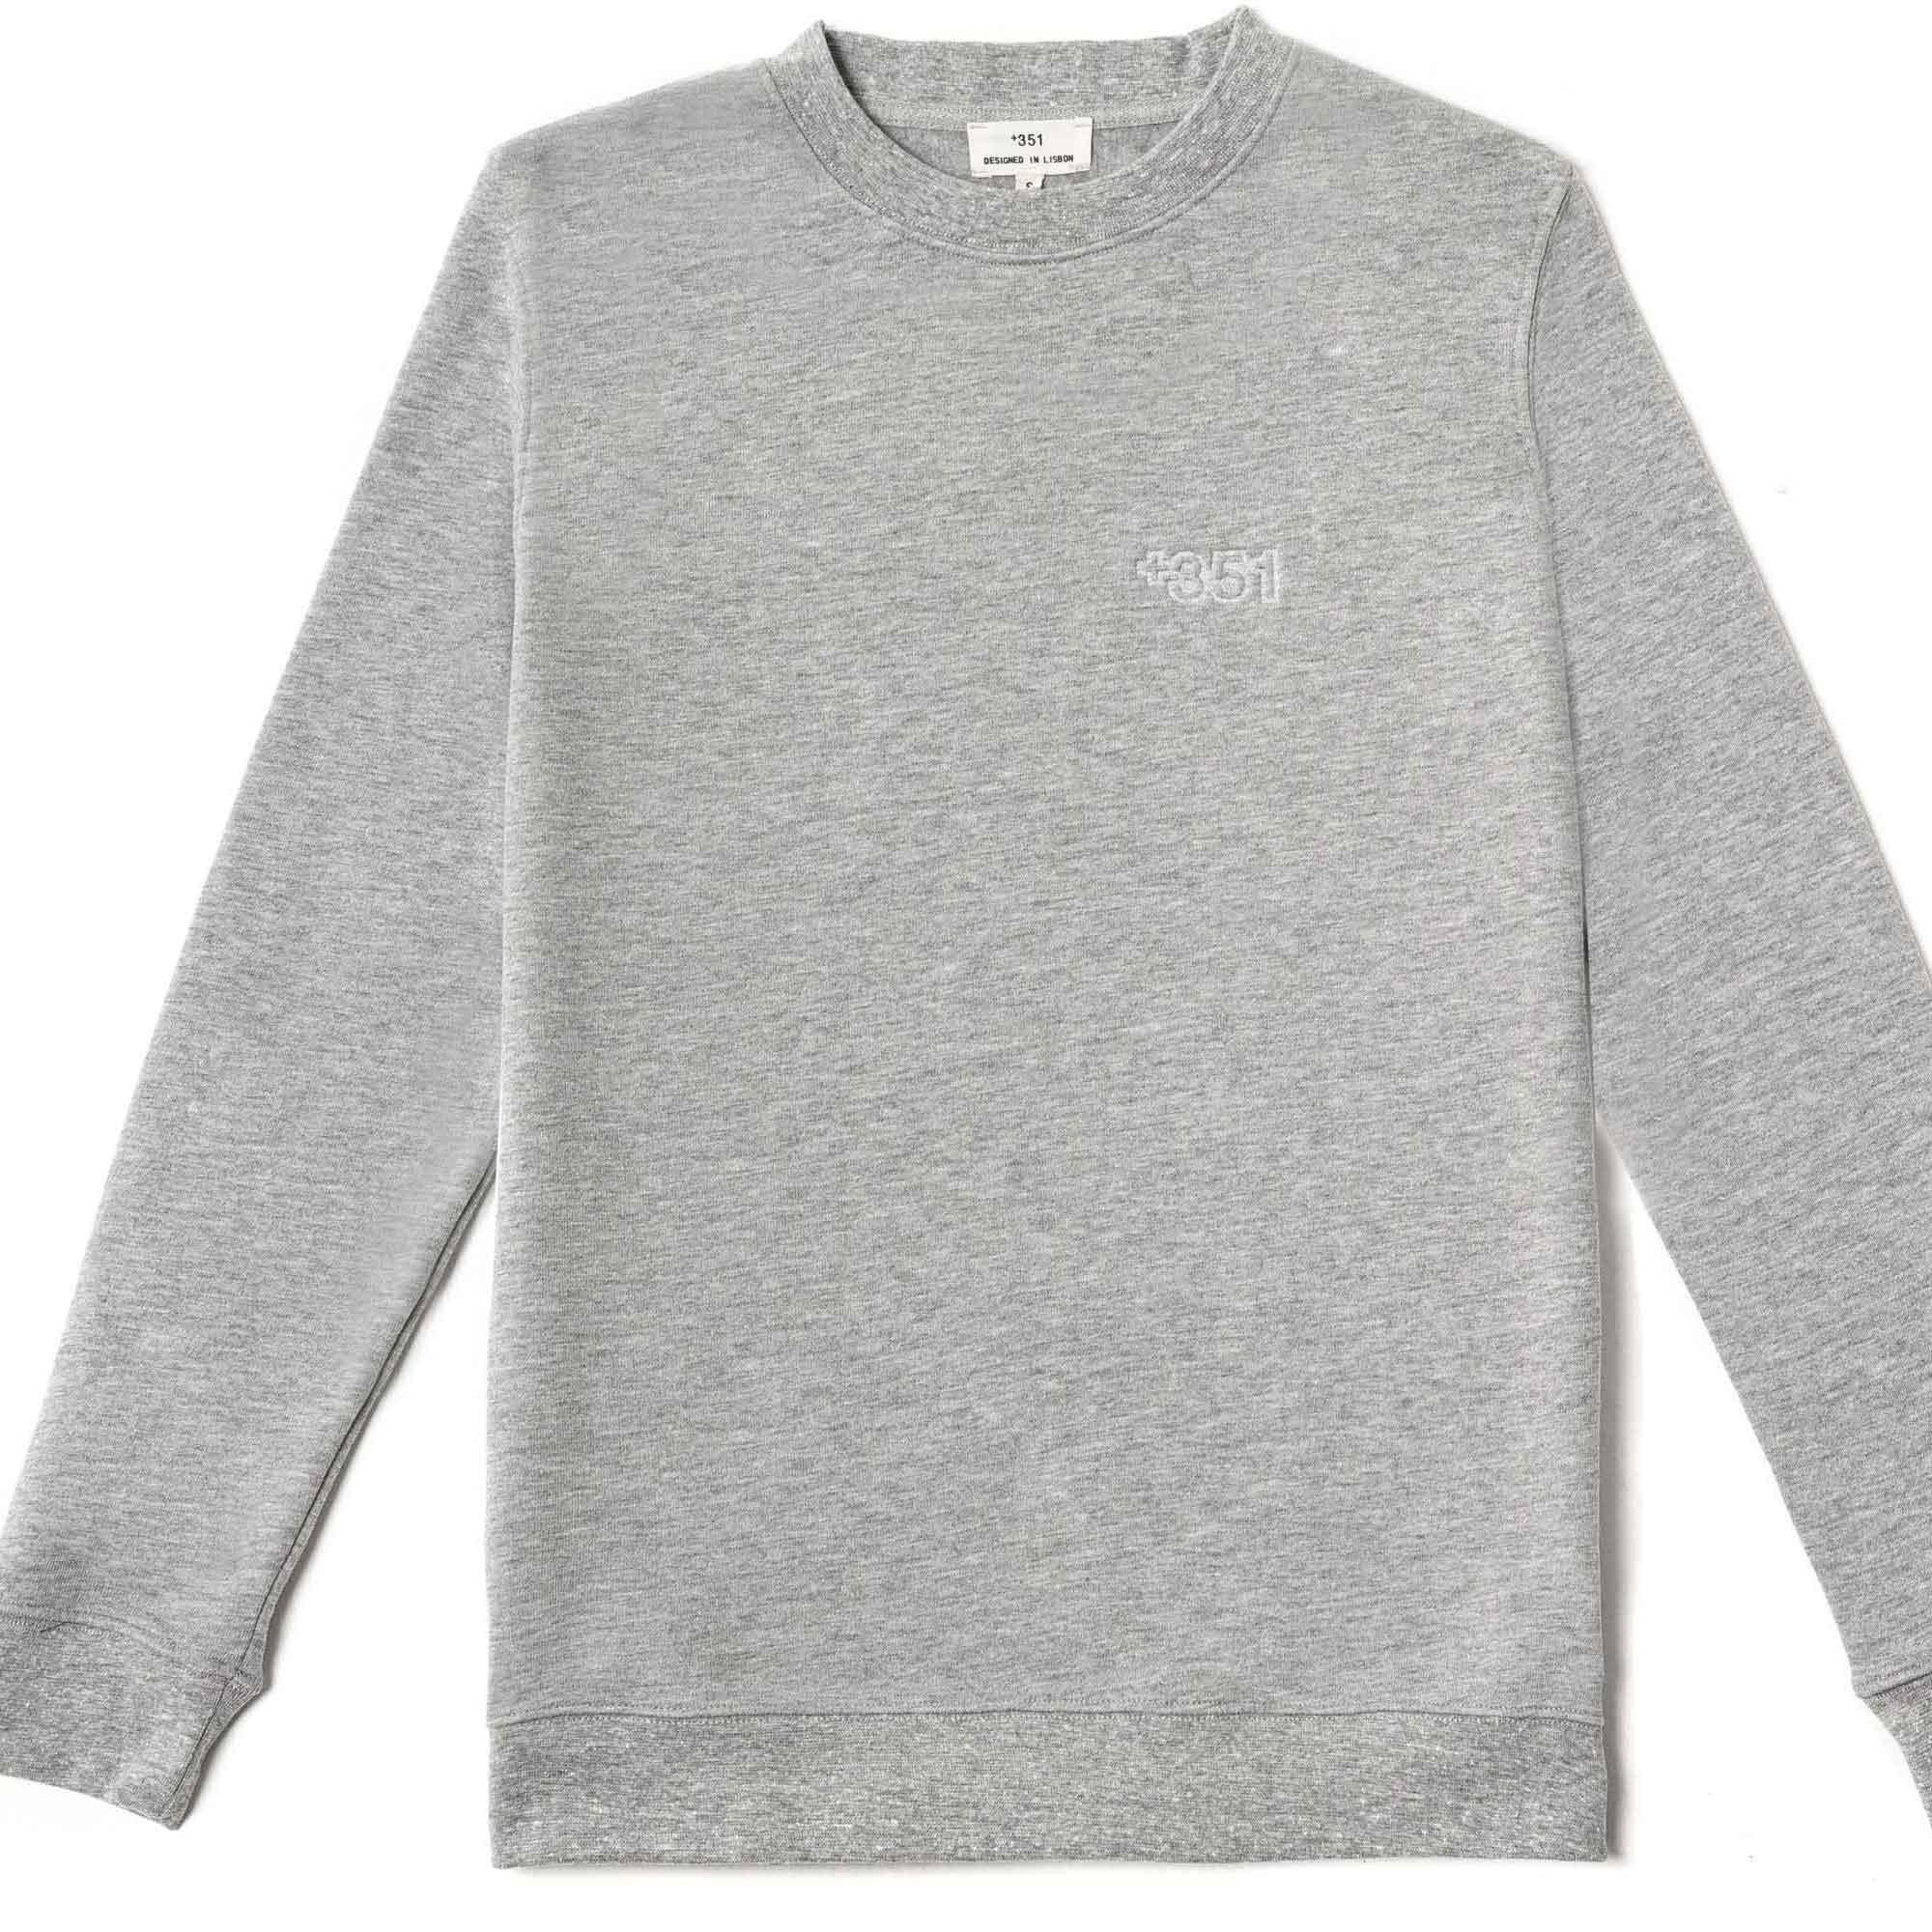 Sudadera gris logo en relieve